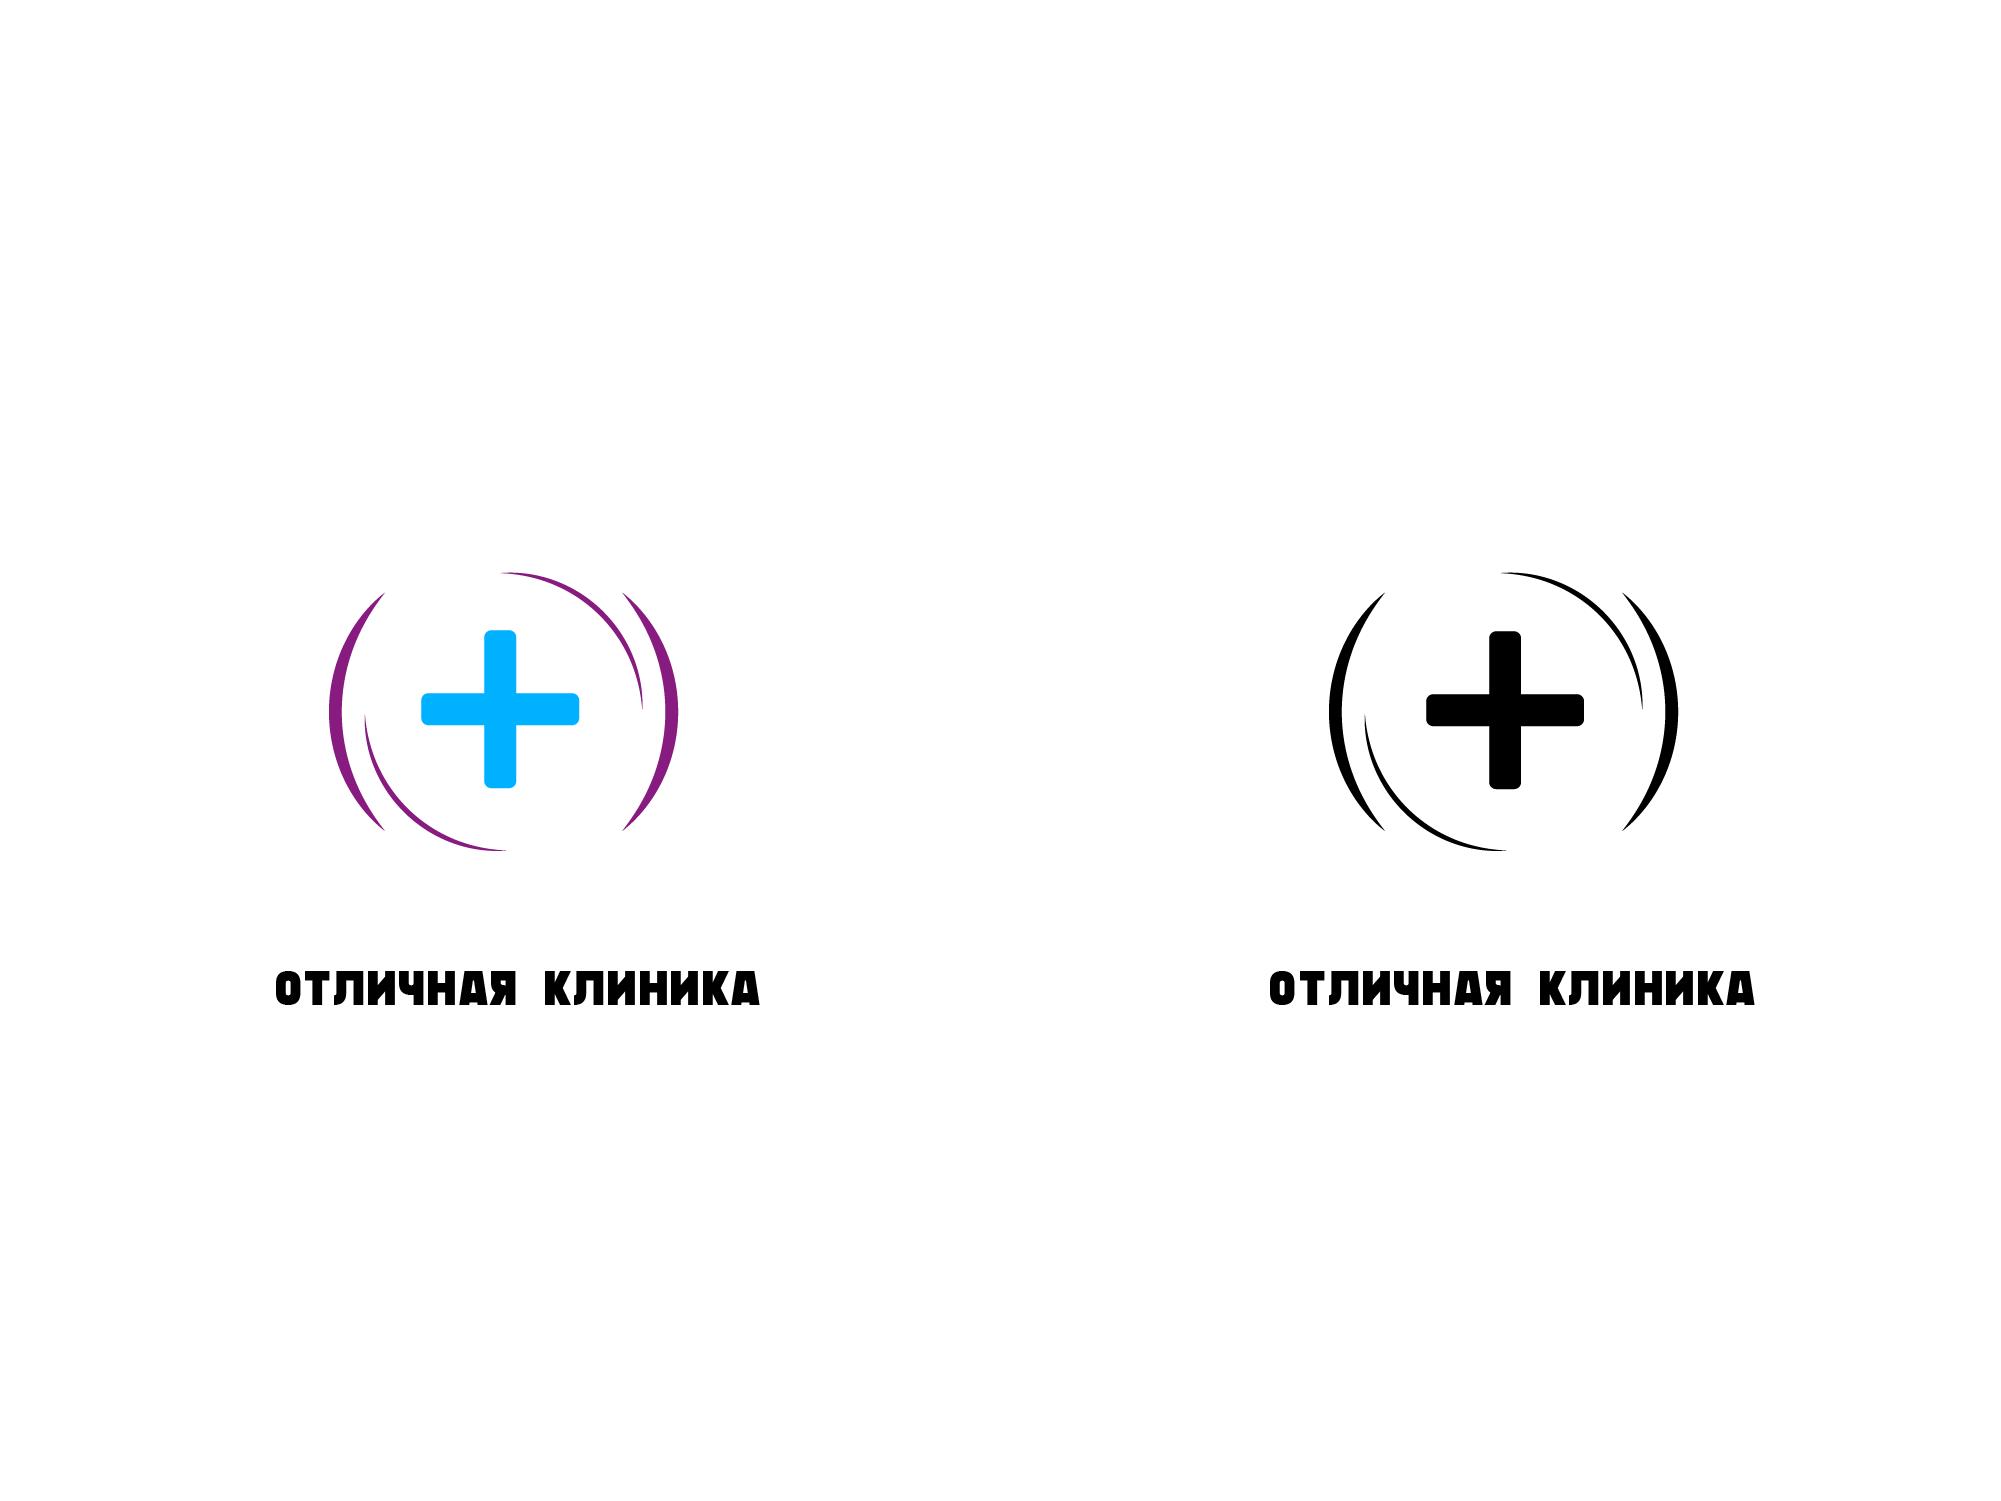 Логотип и фирменный стиль частной клиники фото f_1245c8e53de419f3.png